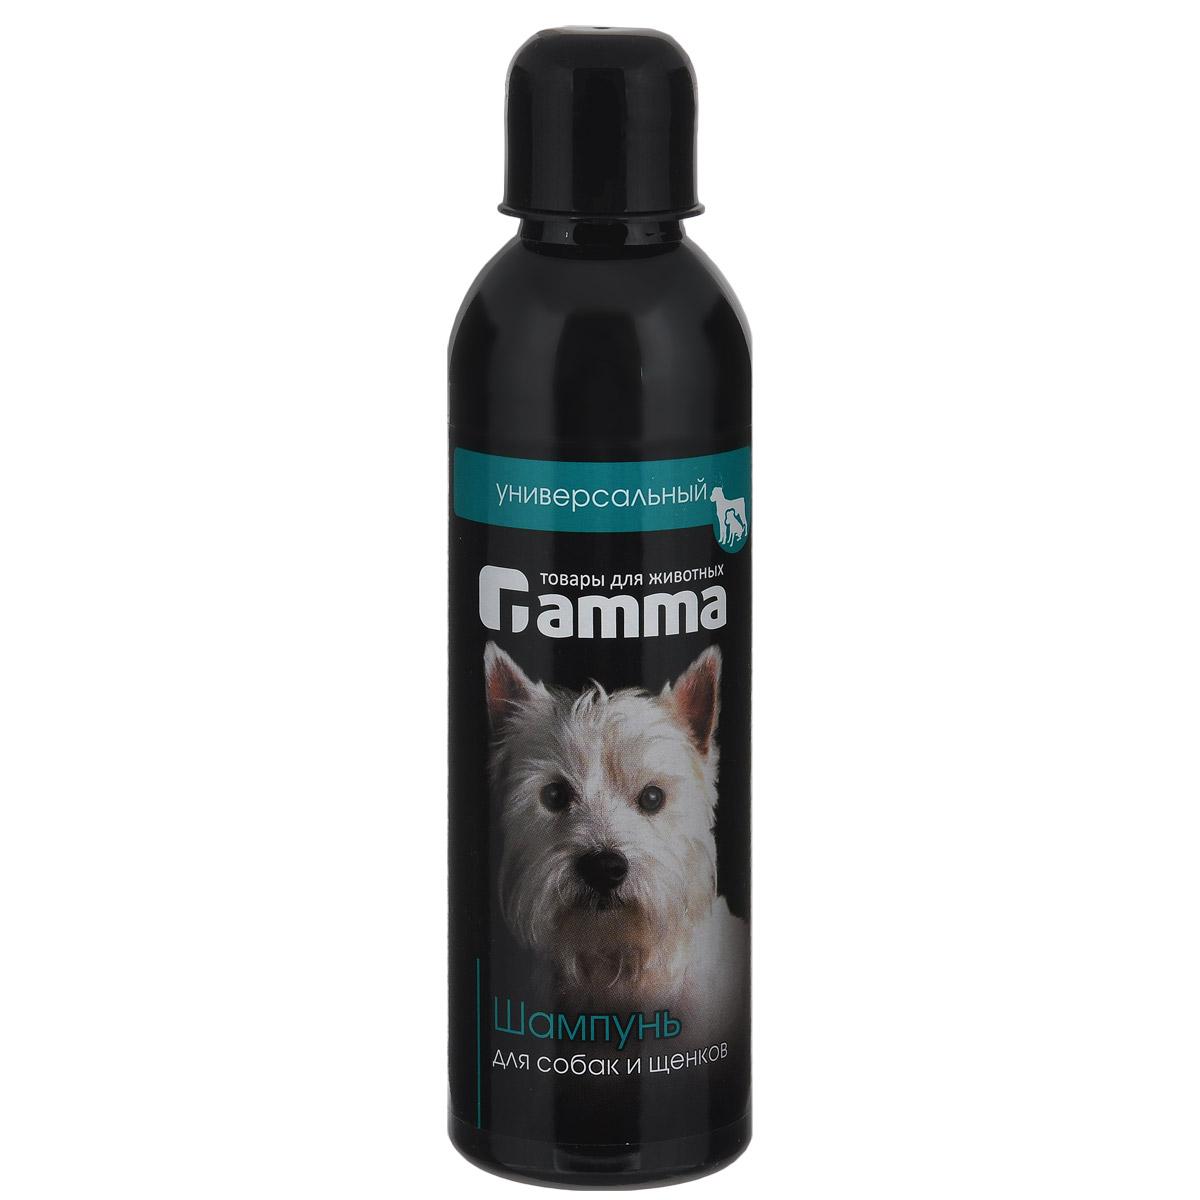 Шампунь универсальный Гамма для взрослых собак и щенков, 250 мл миска для кошек собак гамма n0